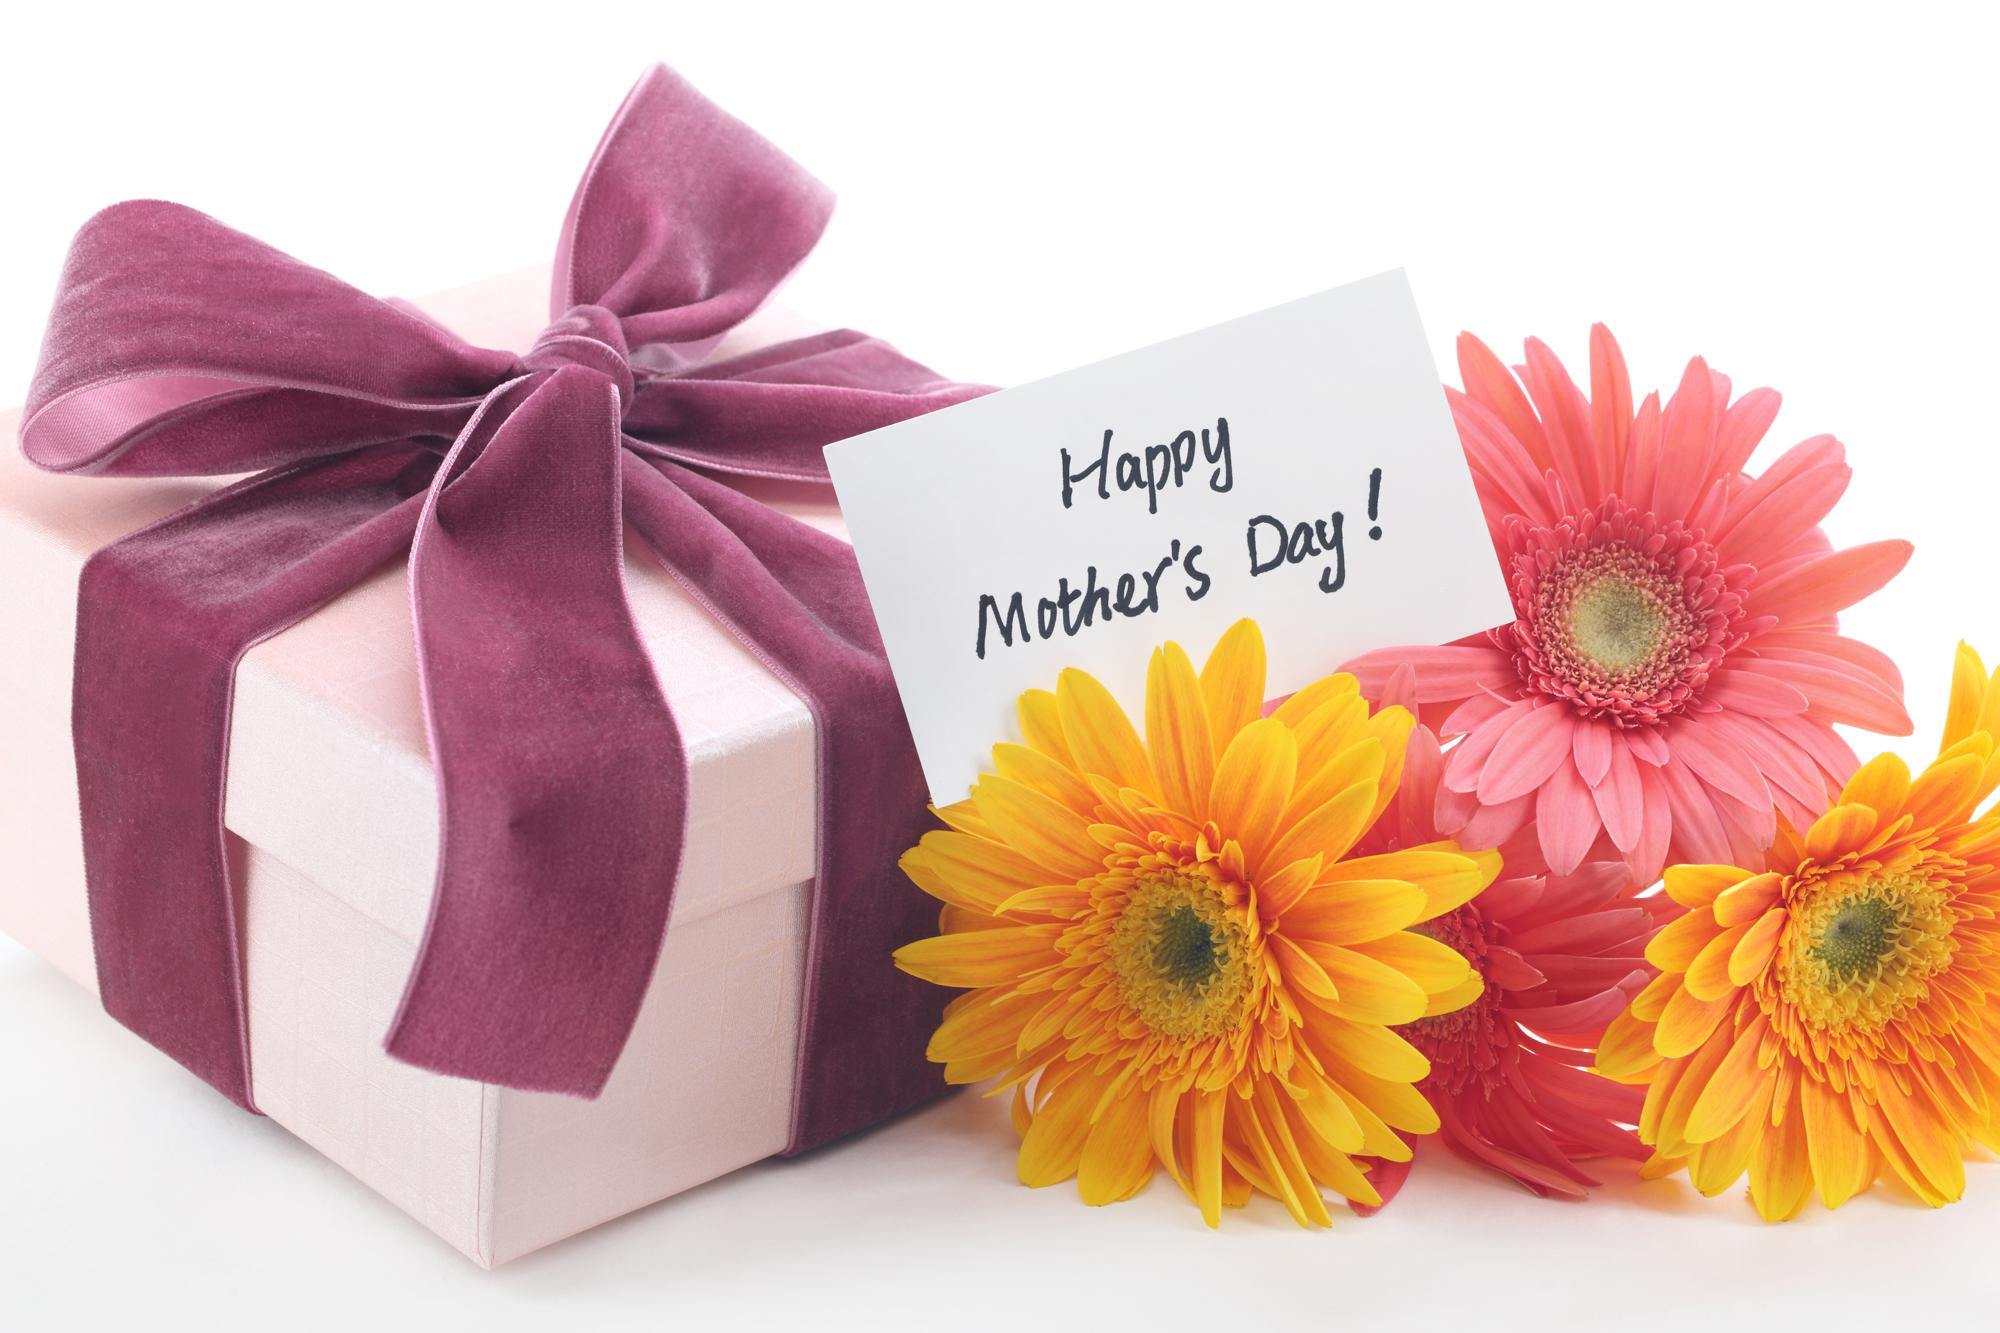 Quale idea regalo di bellezza per la Festa della mamma preferisci?